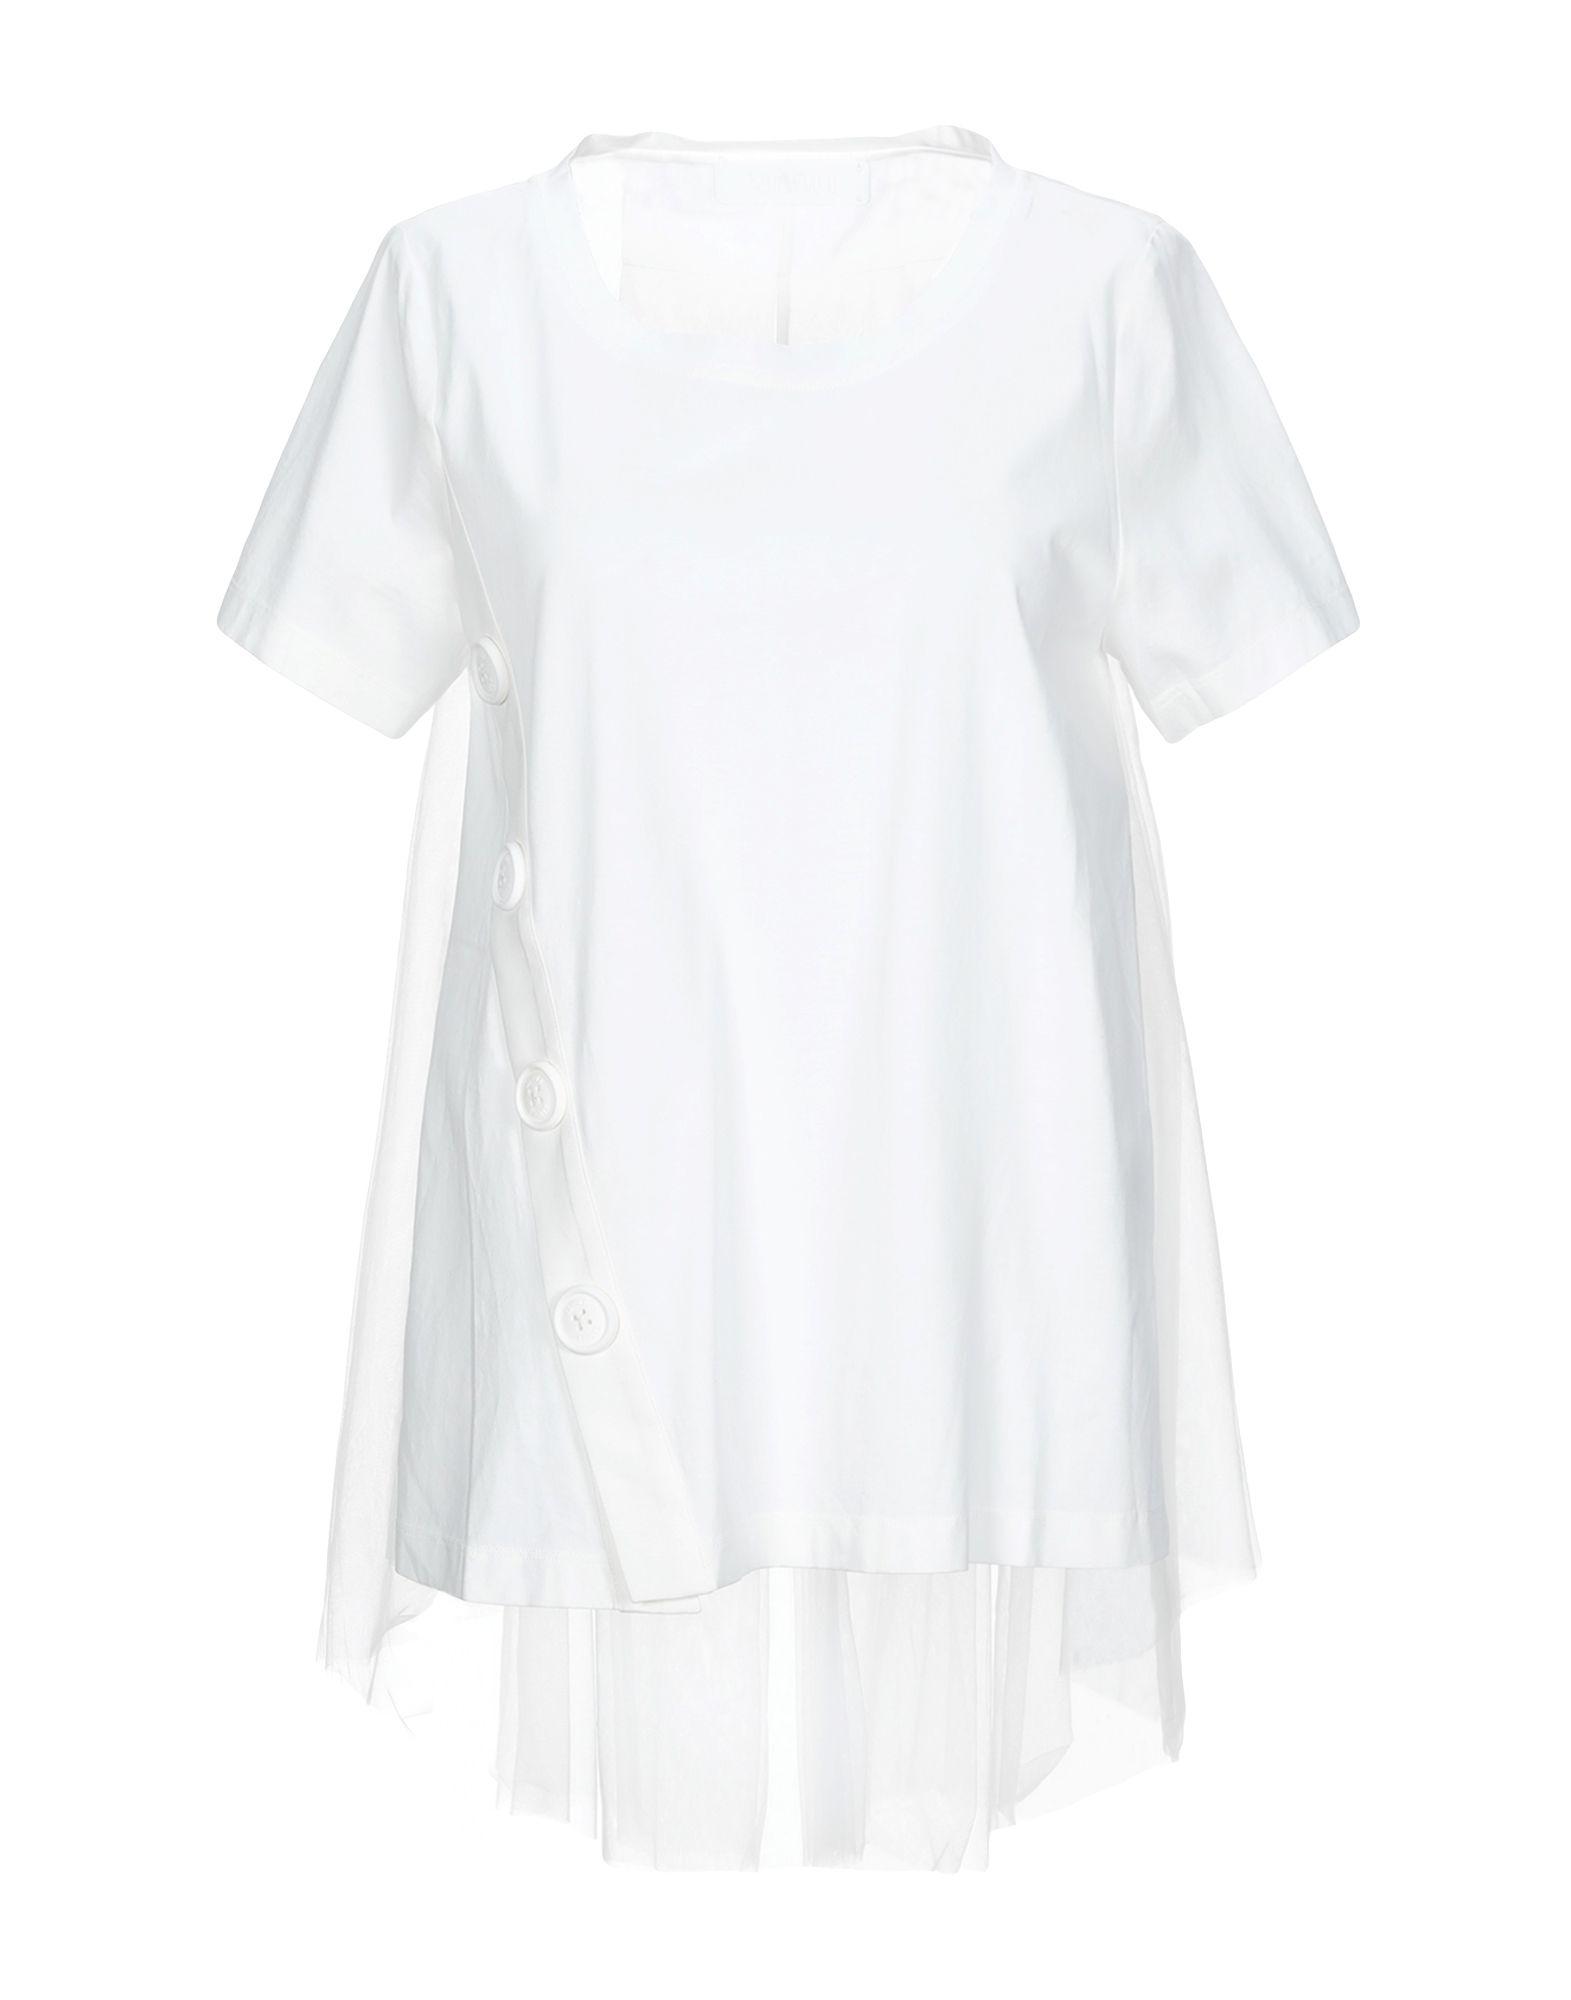 《期間限定セール開催中!》XIAOLI レディース T シャツ ホワイト S コットン 100% / ナイロン